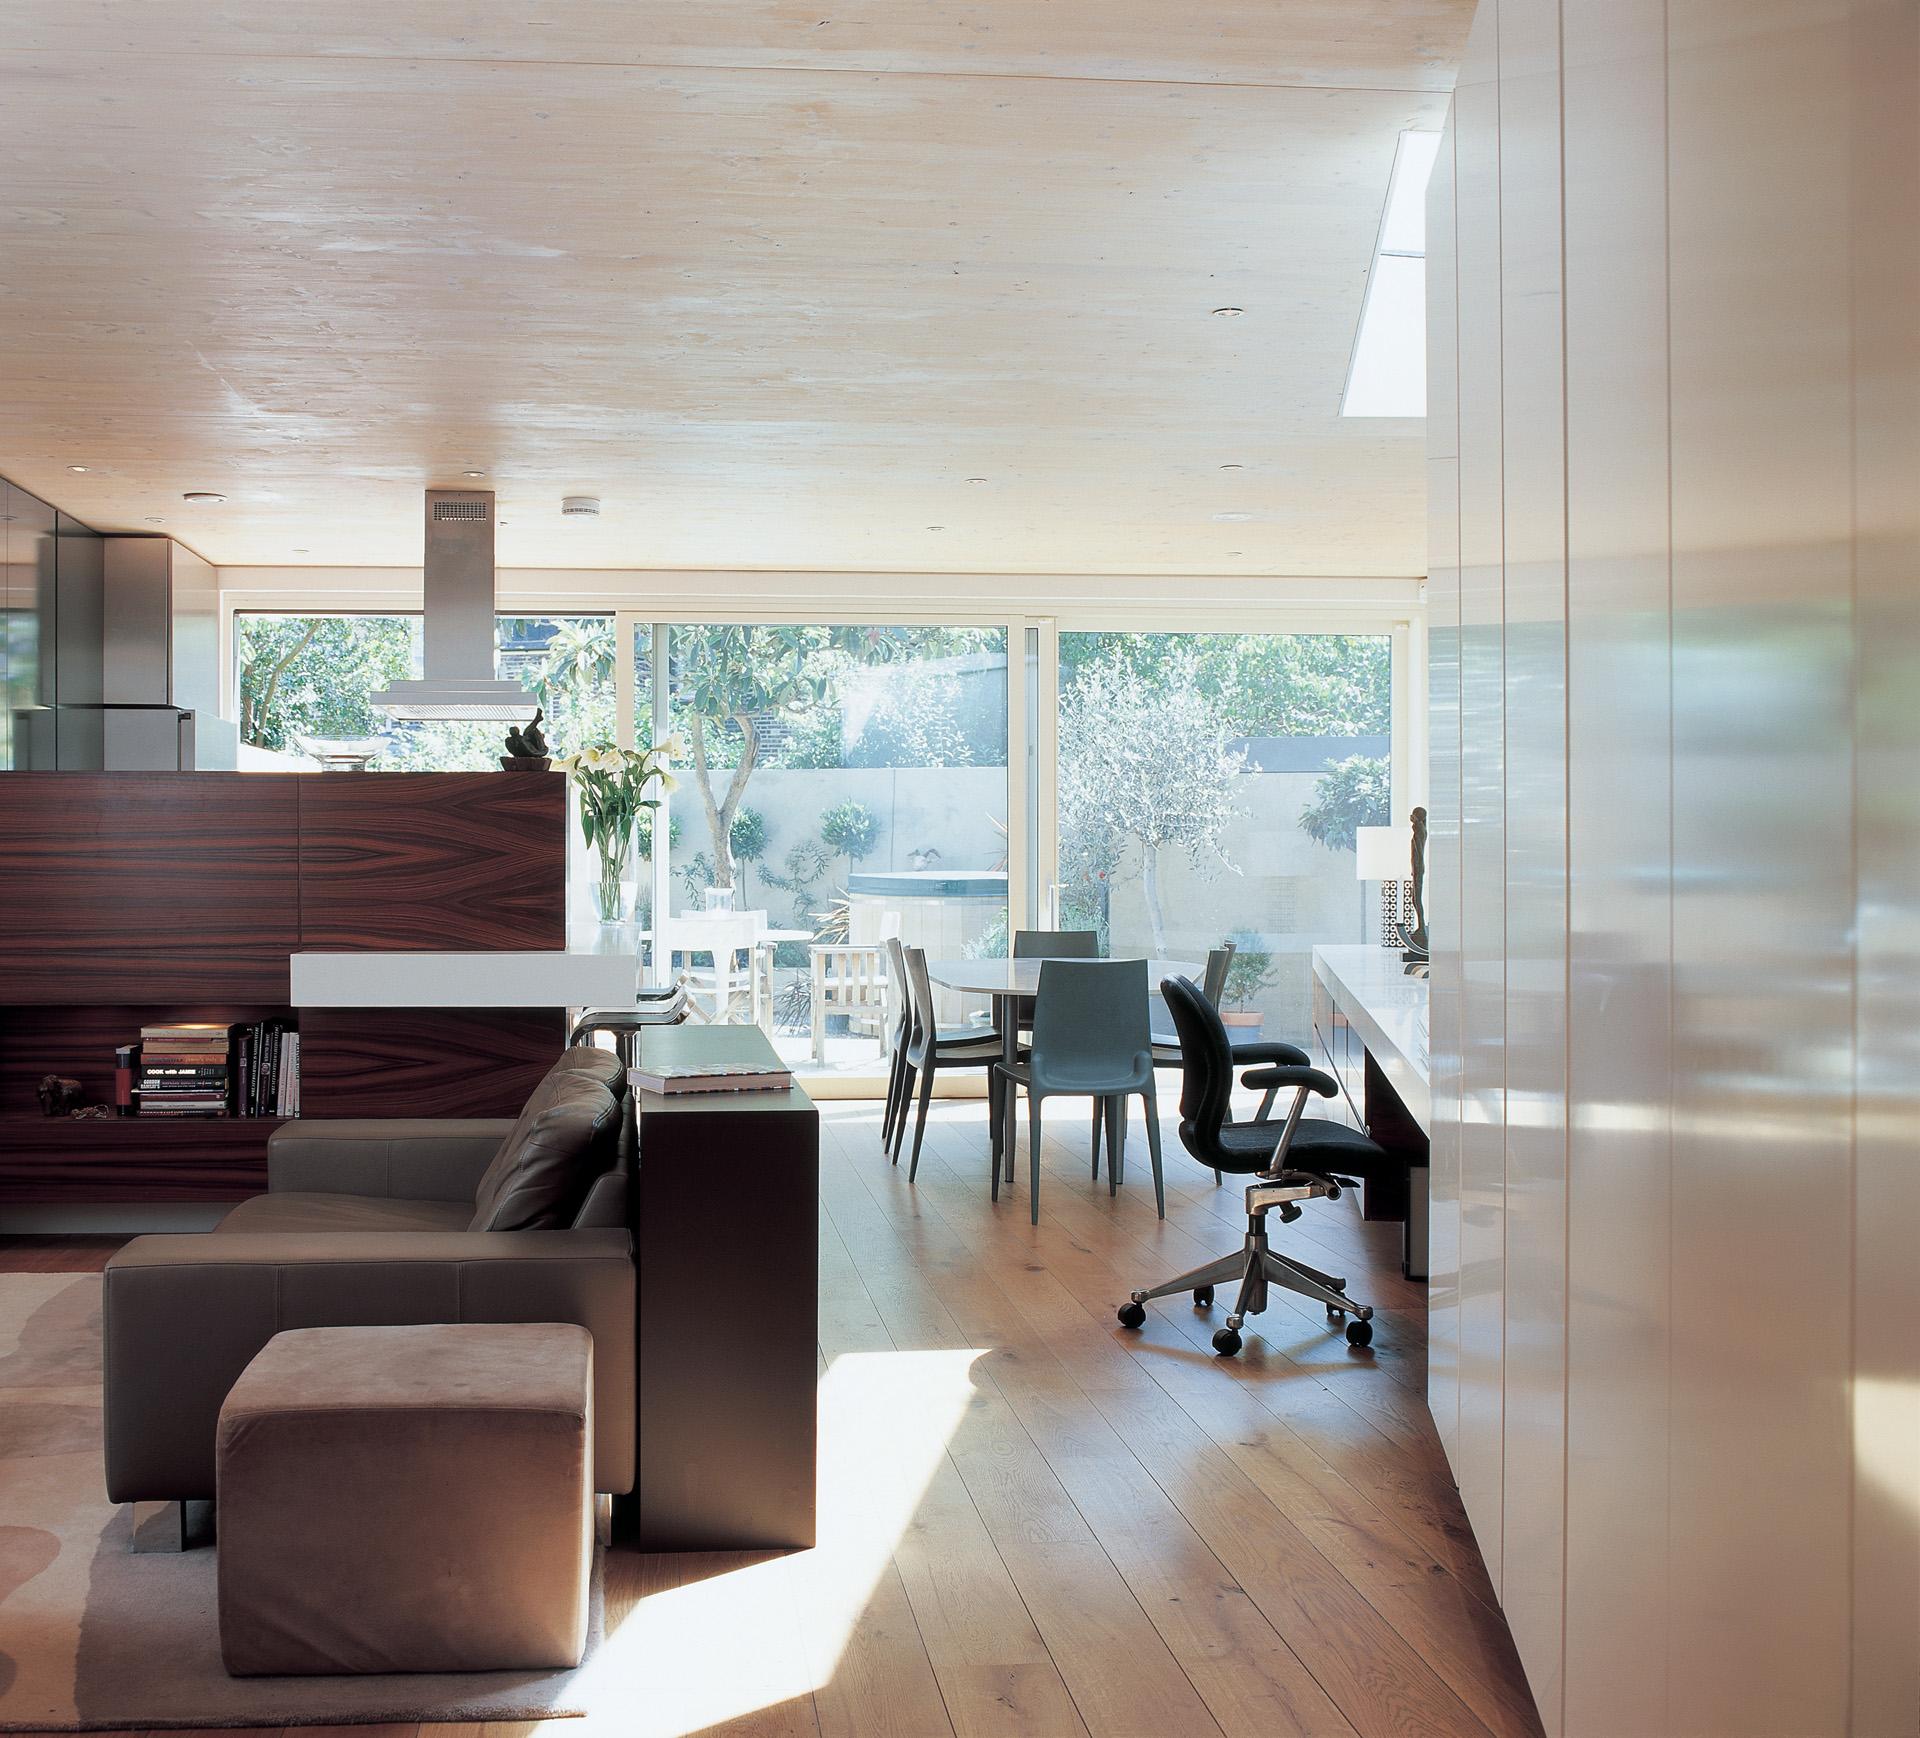 focus-house-interior-04